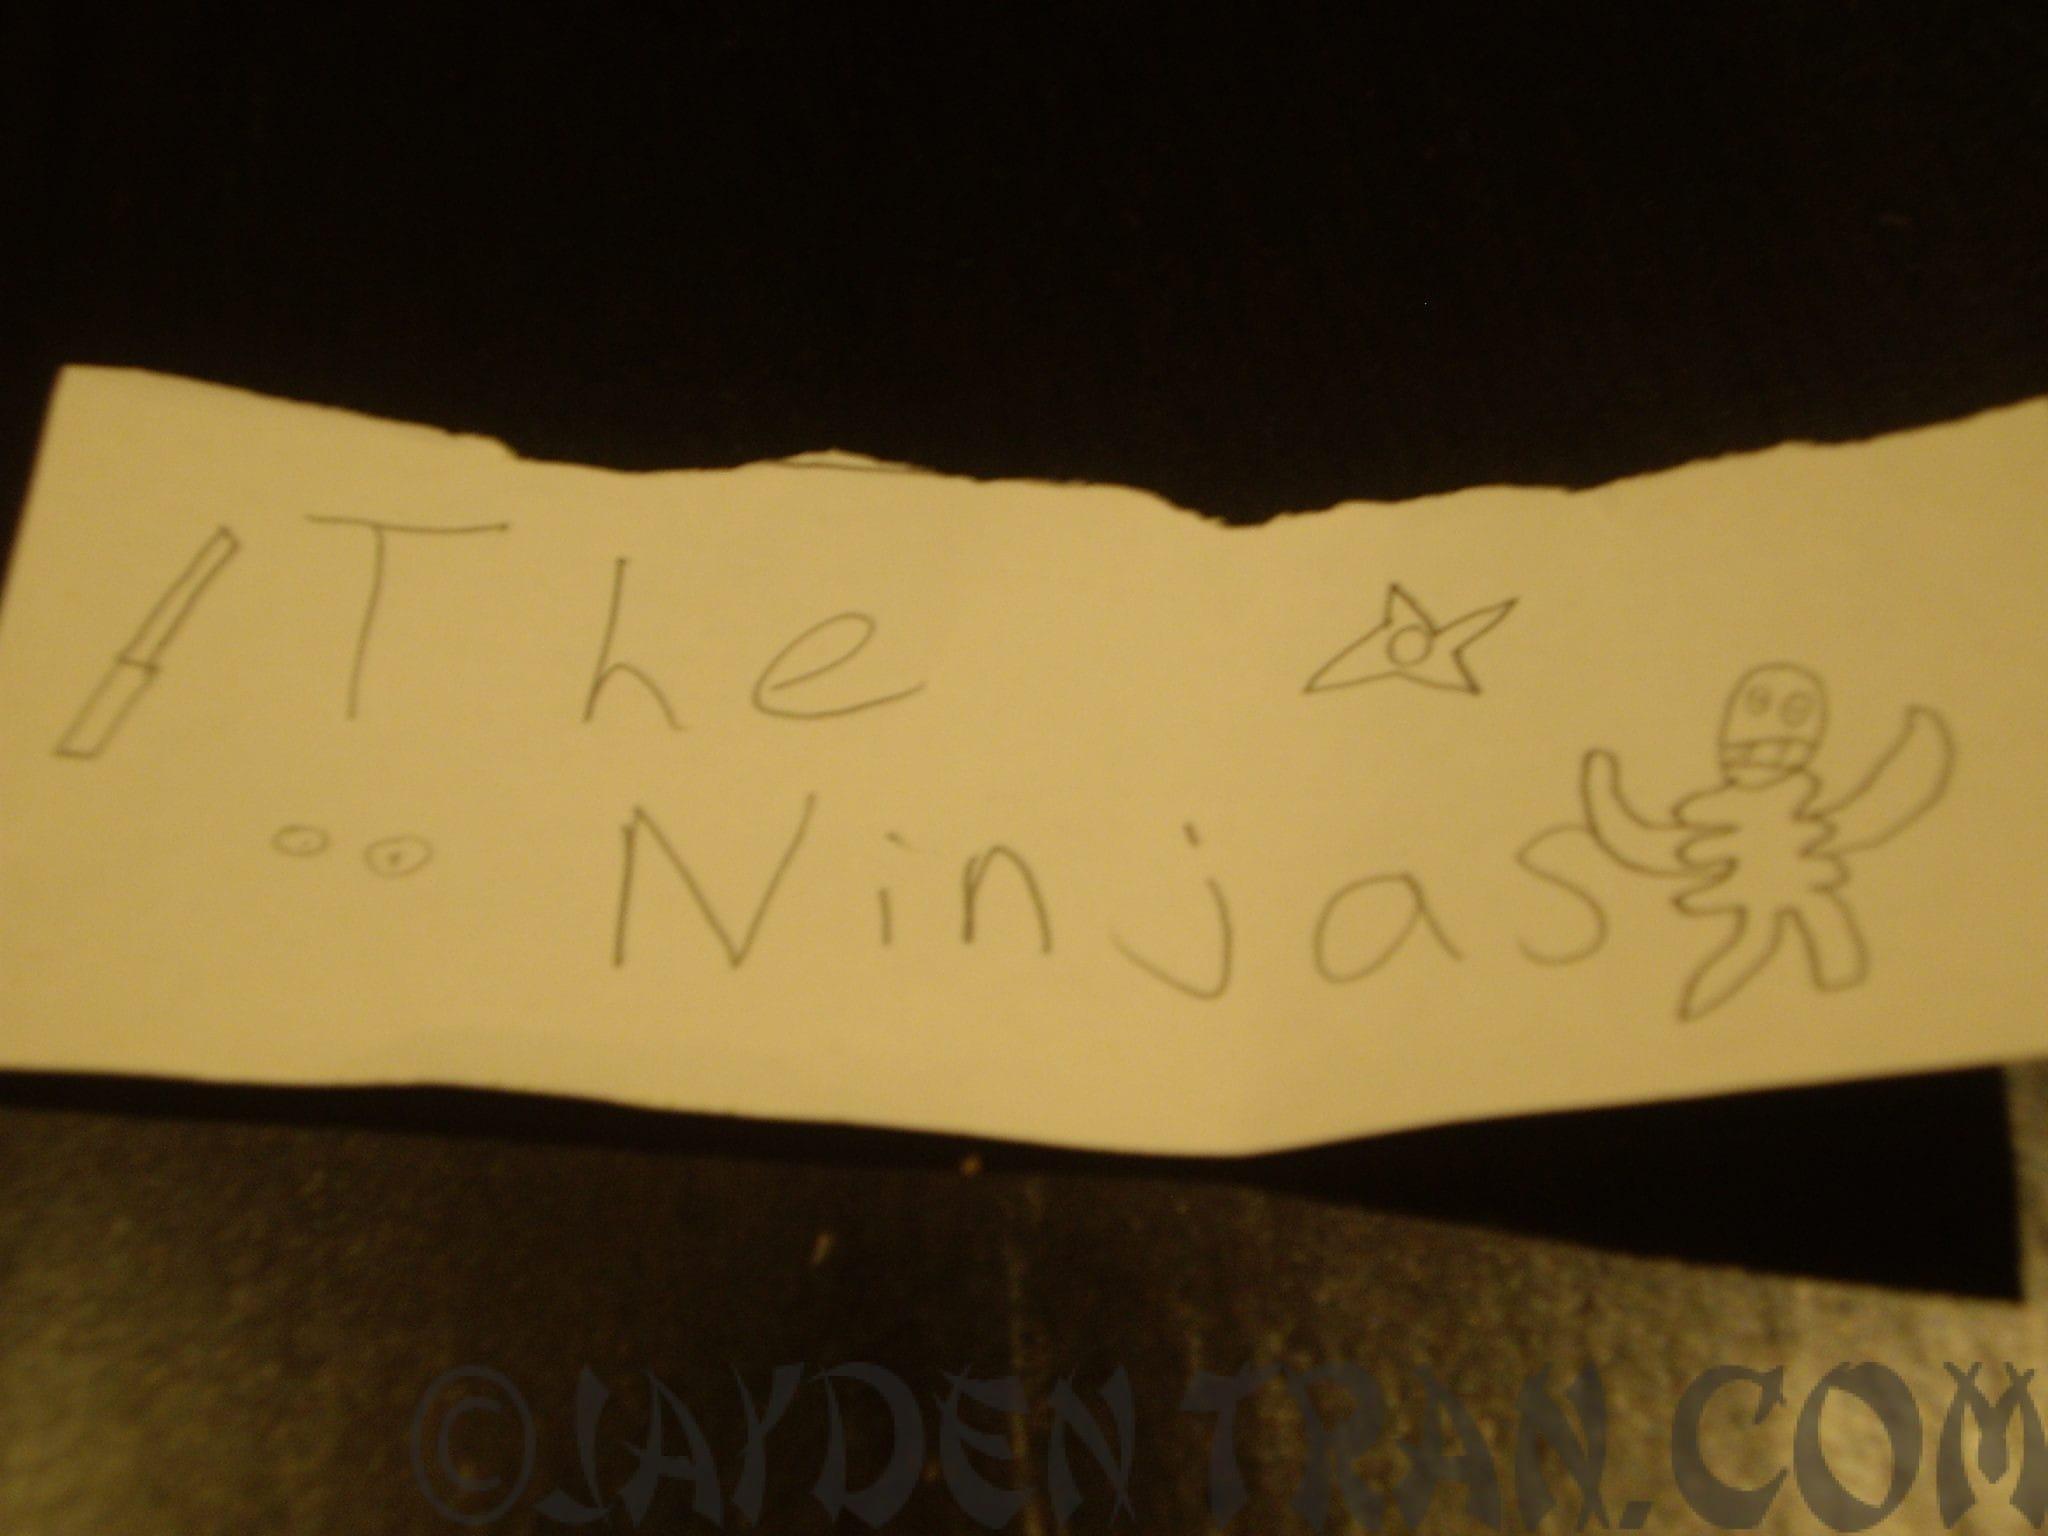 Part 2 of The Ninjas